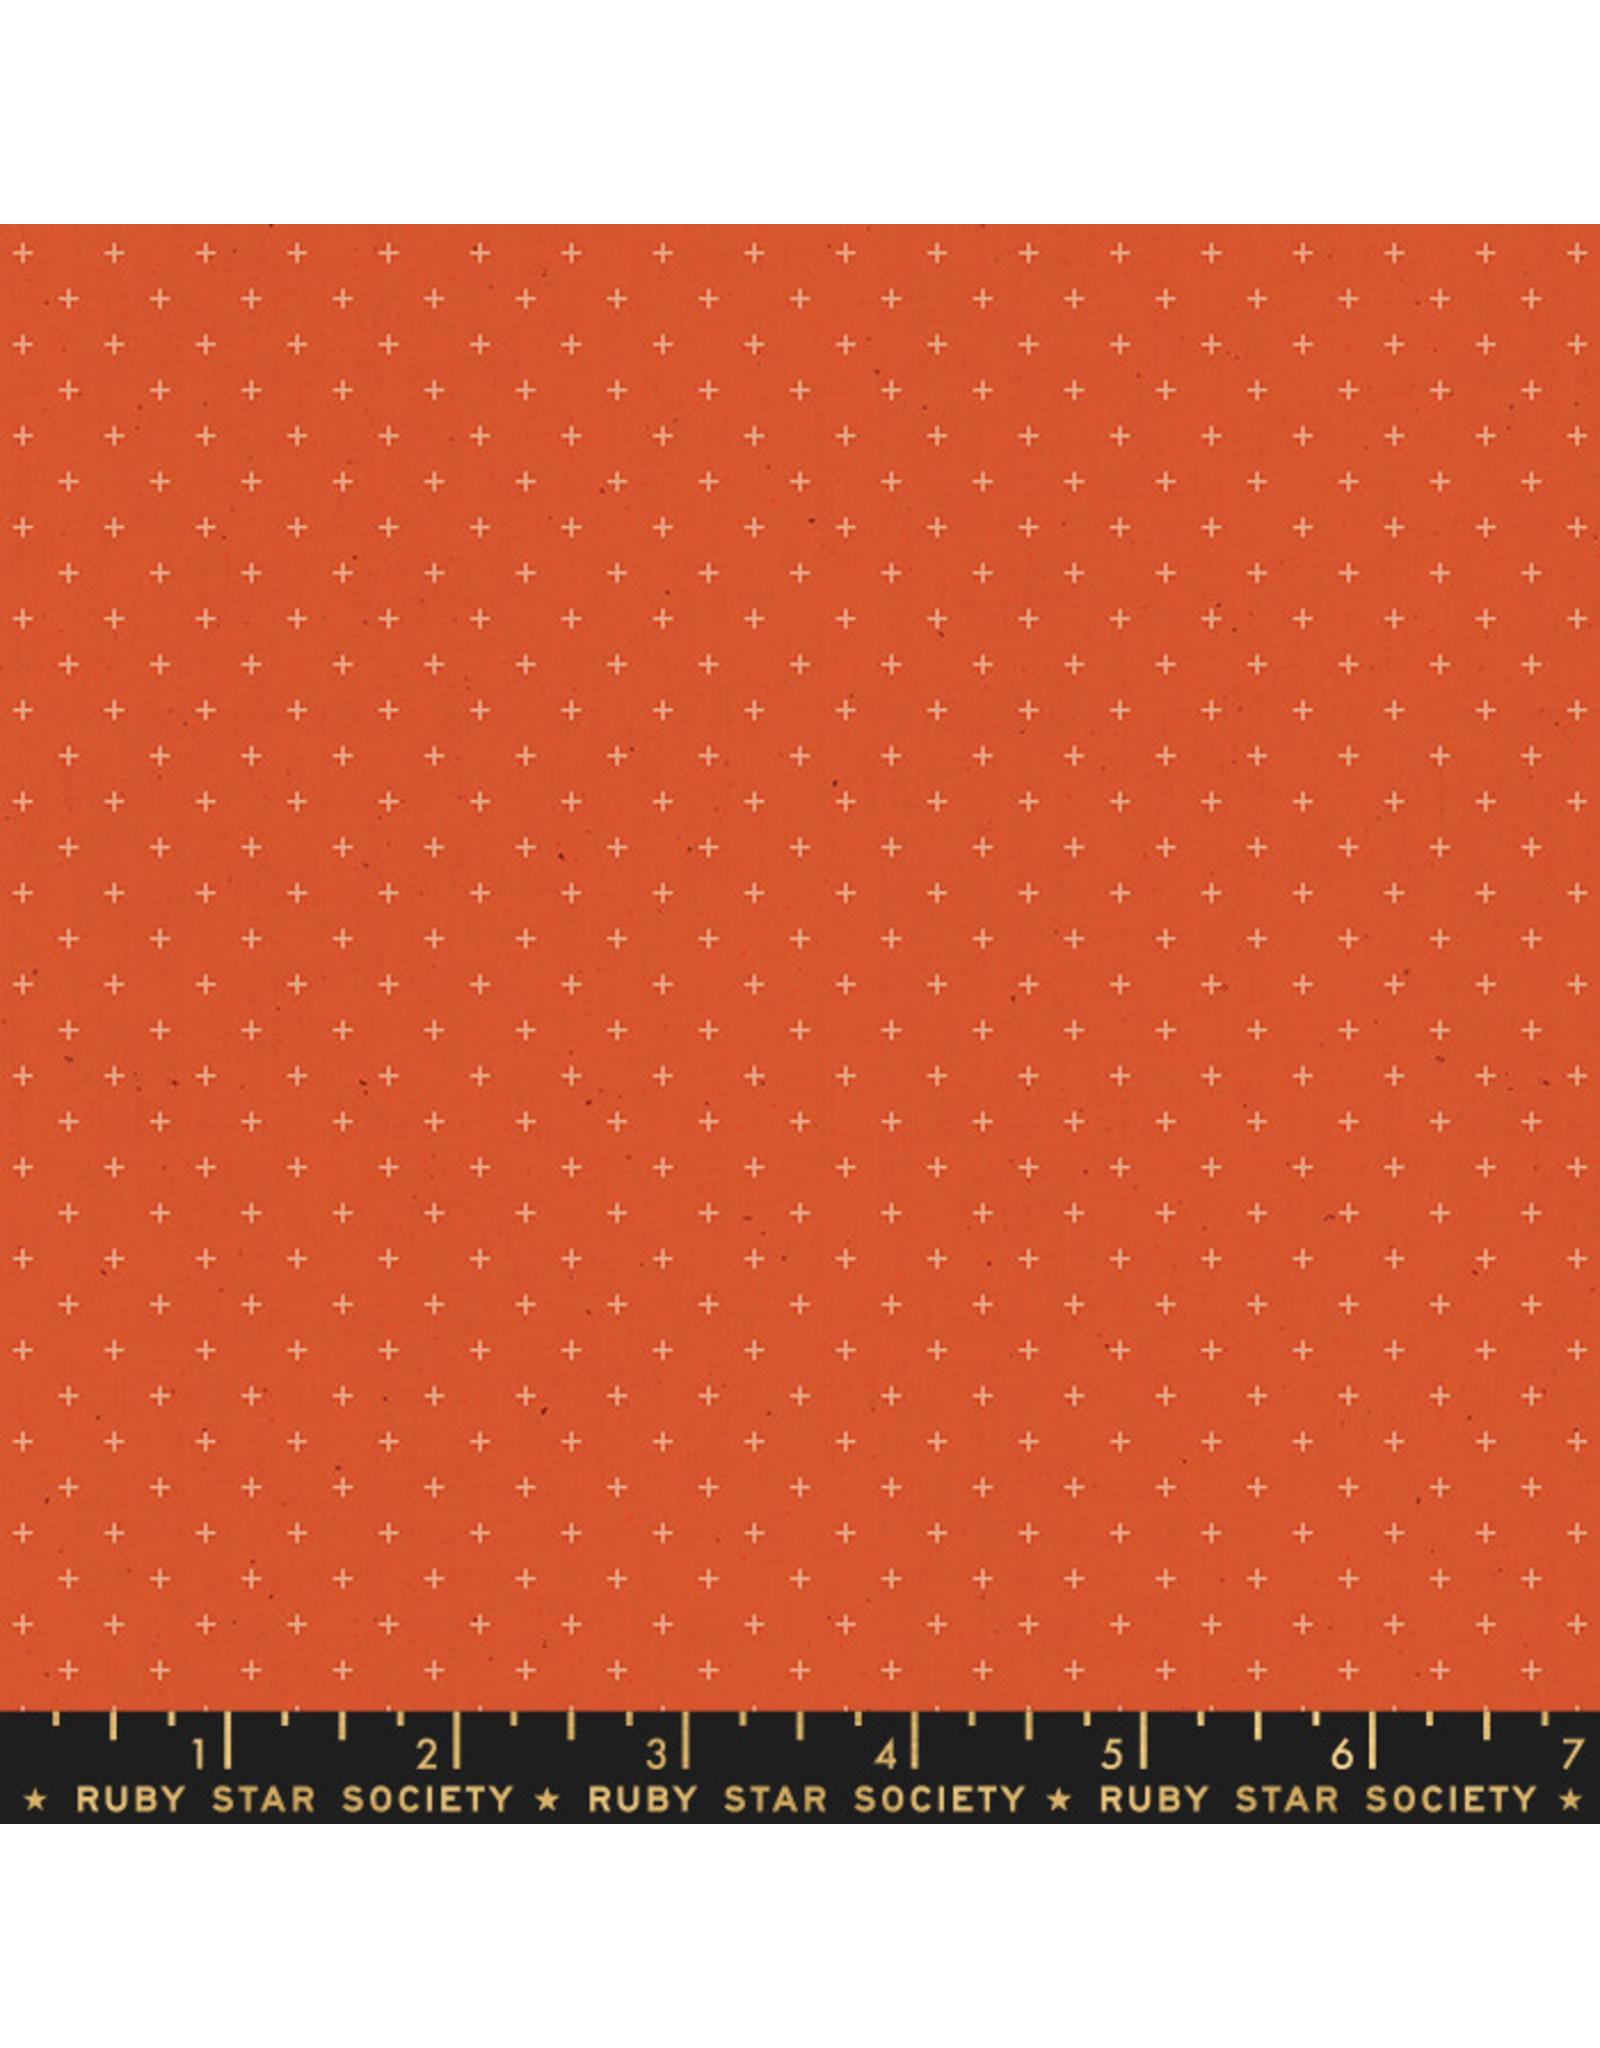 Ruby Star Society Add it Up - Orange